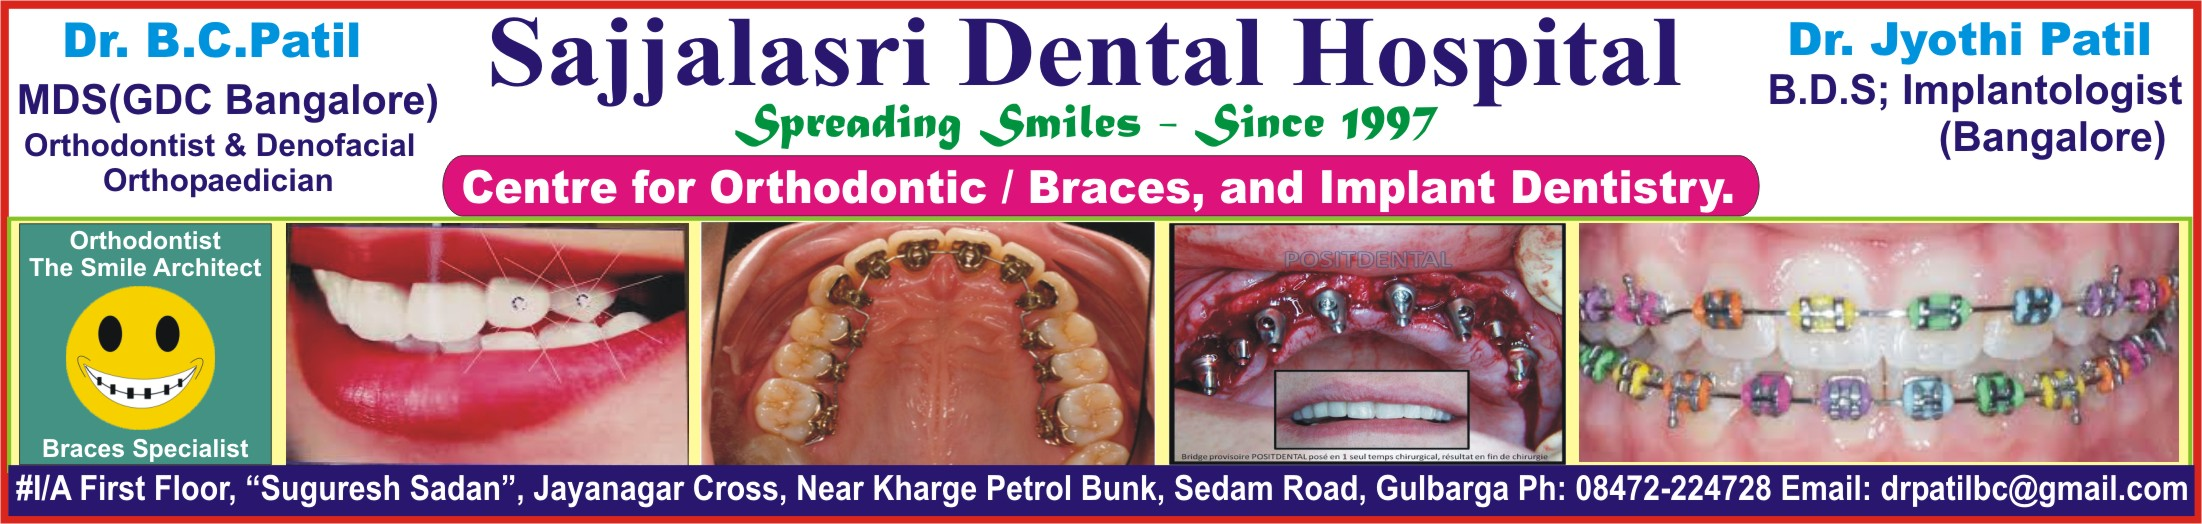 Sajjalasri Dental Hospital